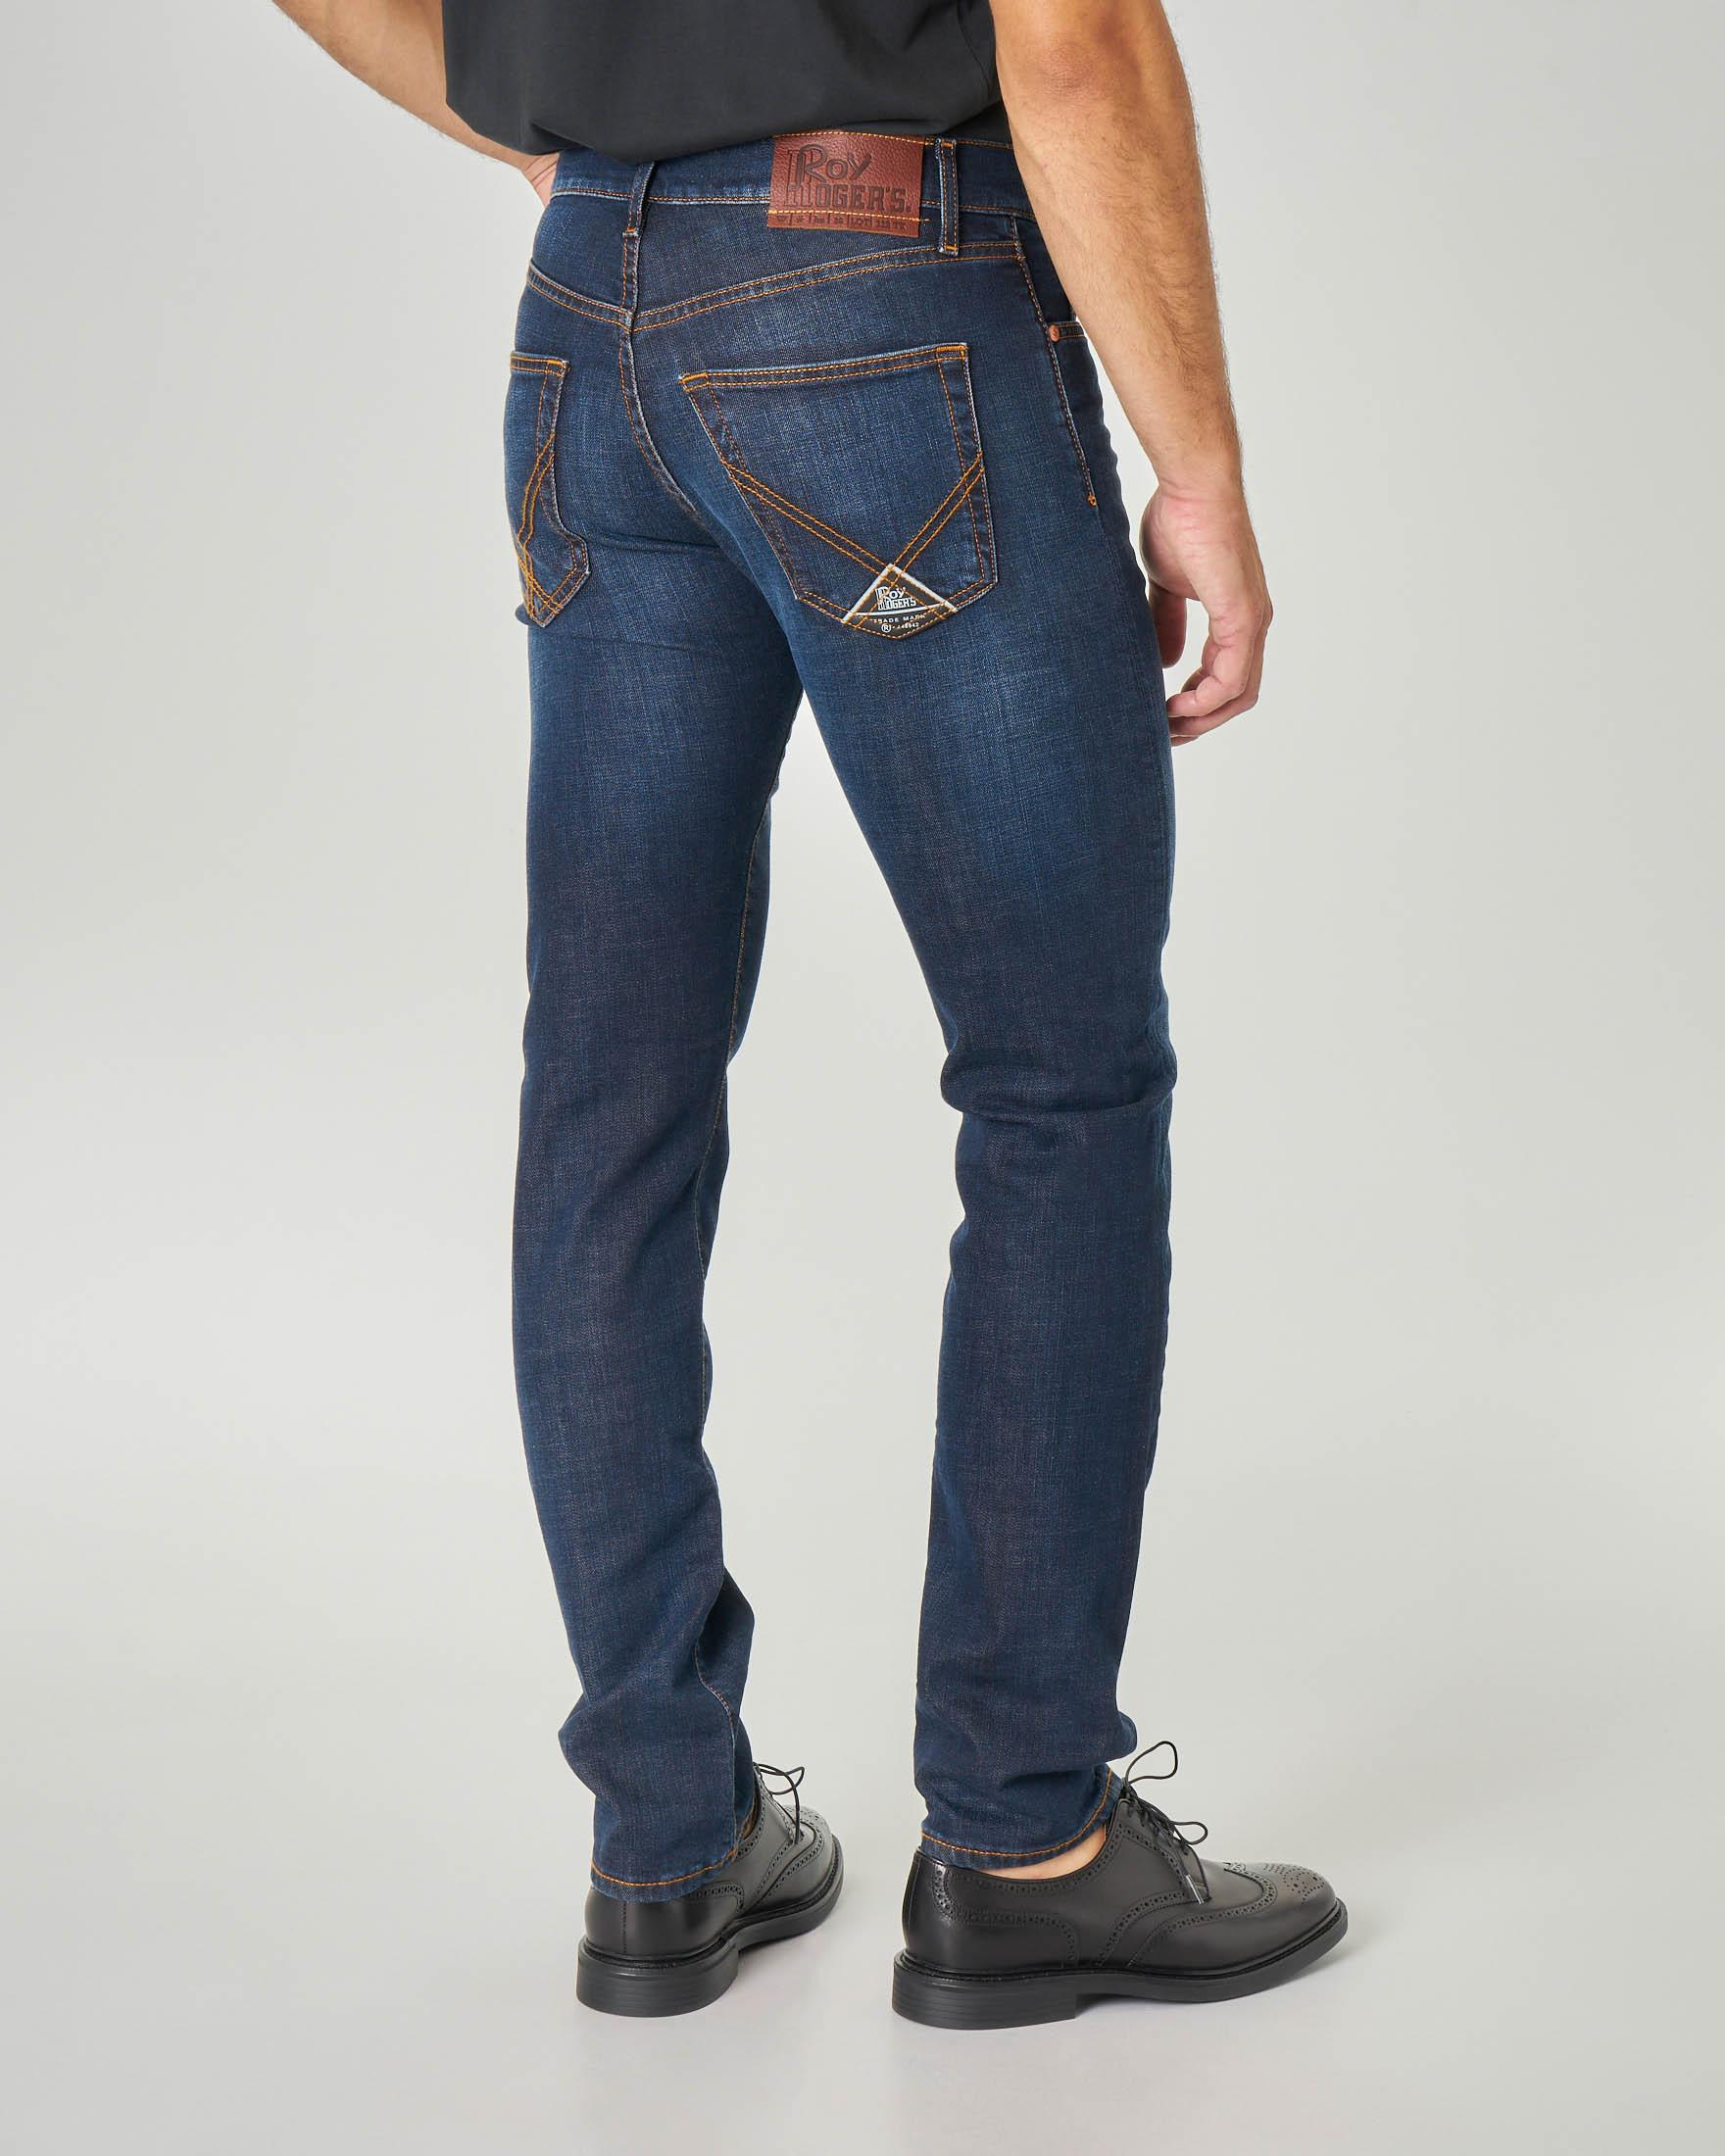 Jeans 927 Pater lavaggio stone wash